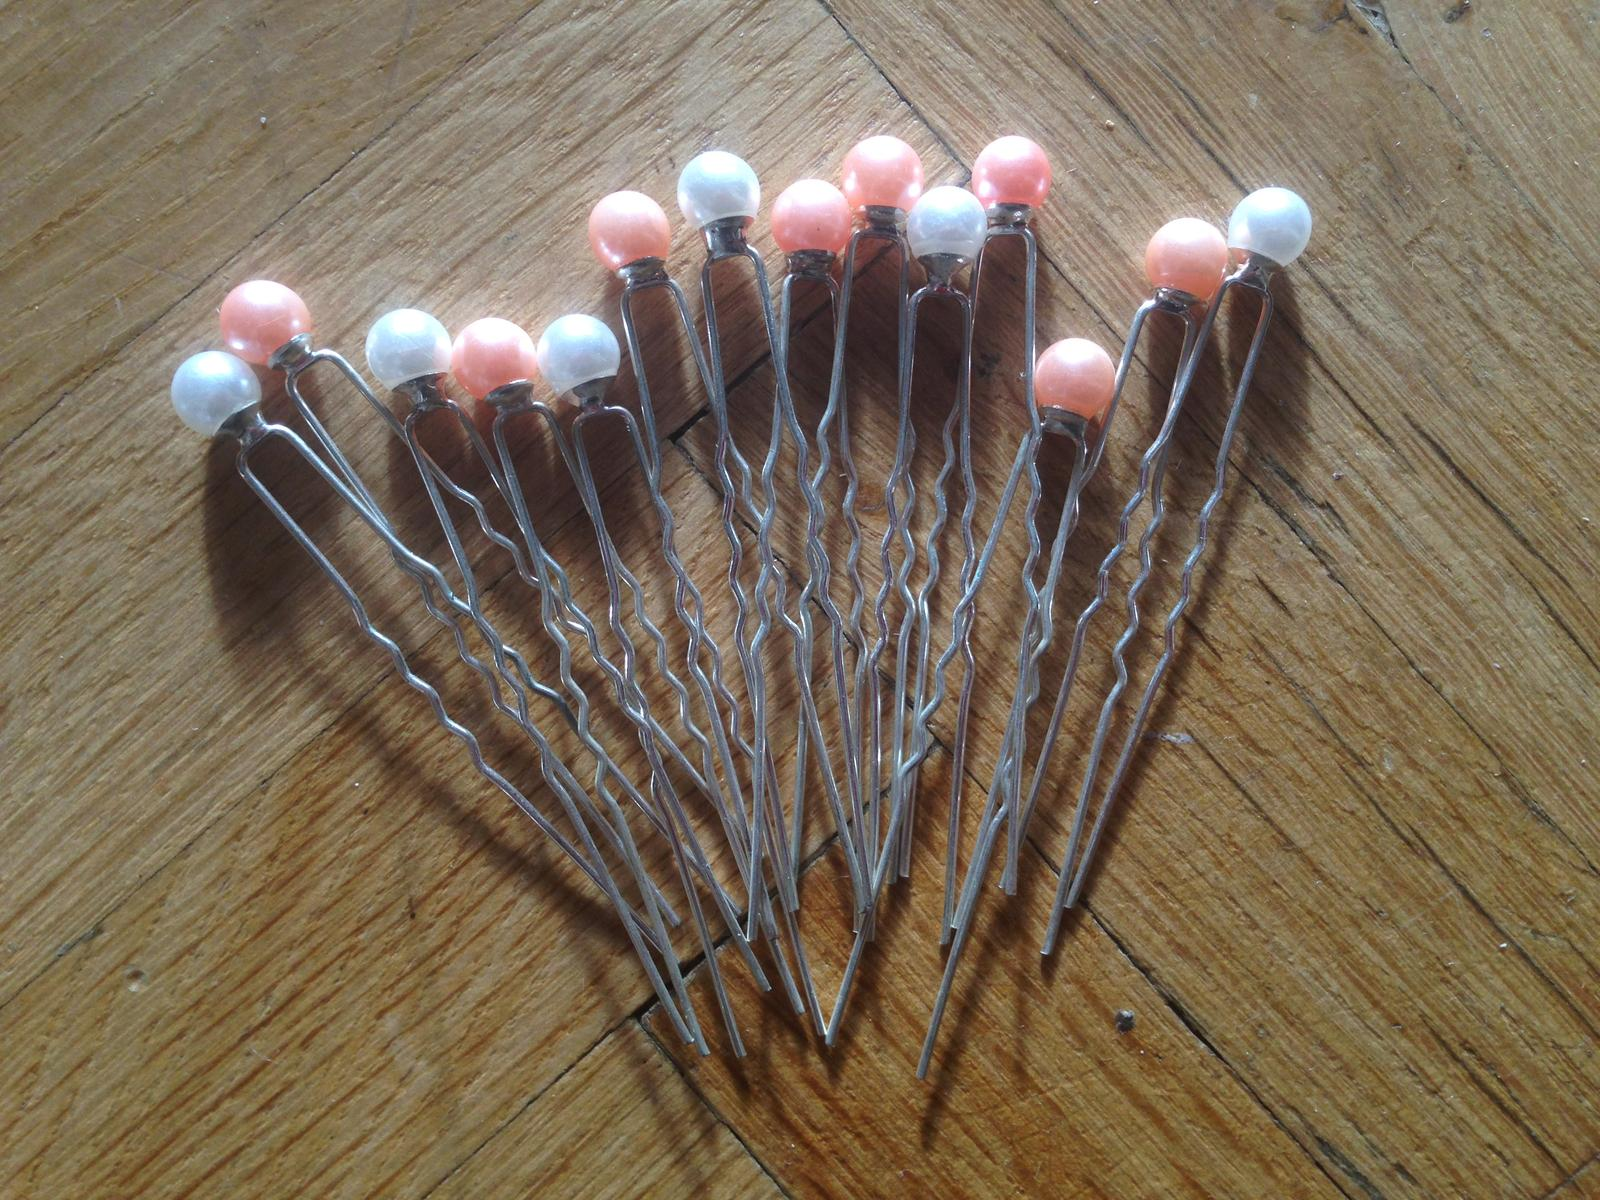 Perličky do vlasů - Obrázek č. 1